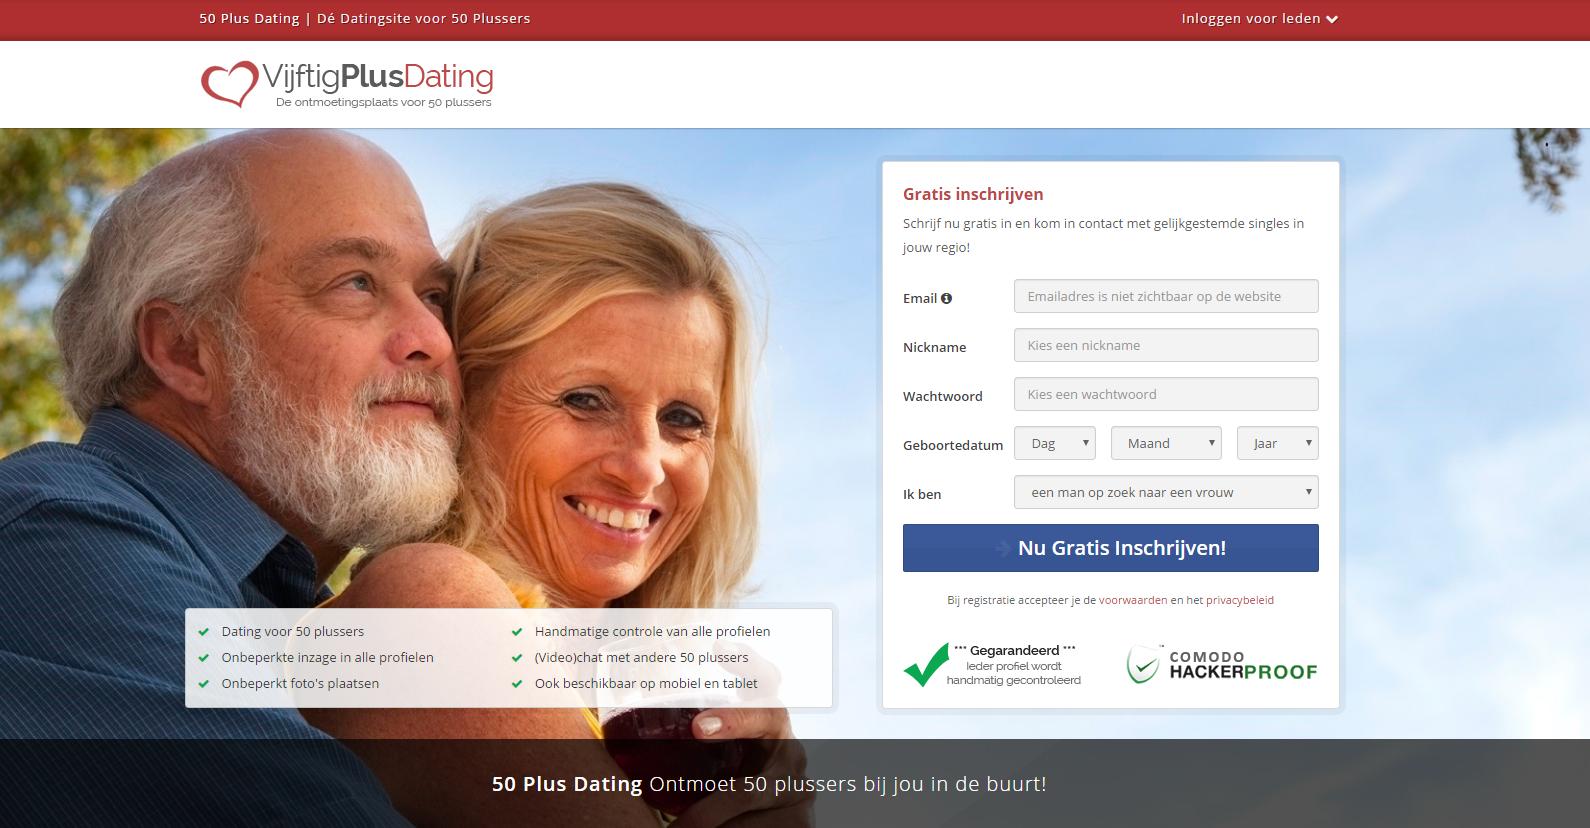 dating 50+ hoger opgeleiden Viborg